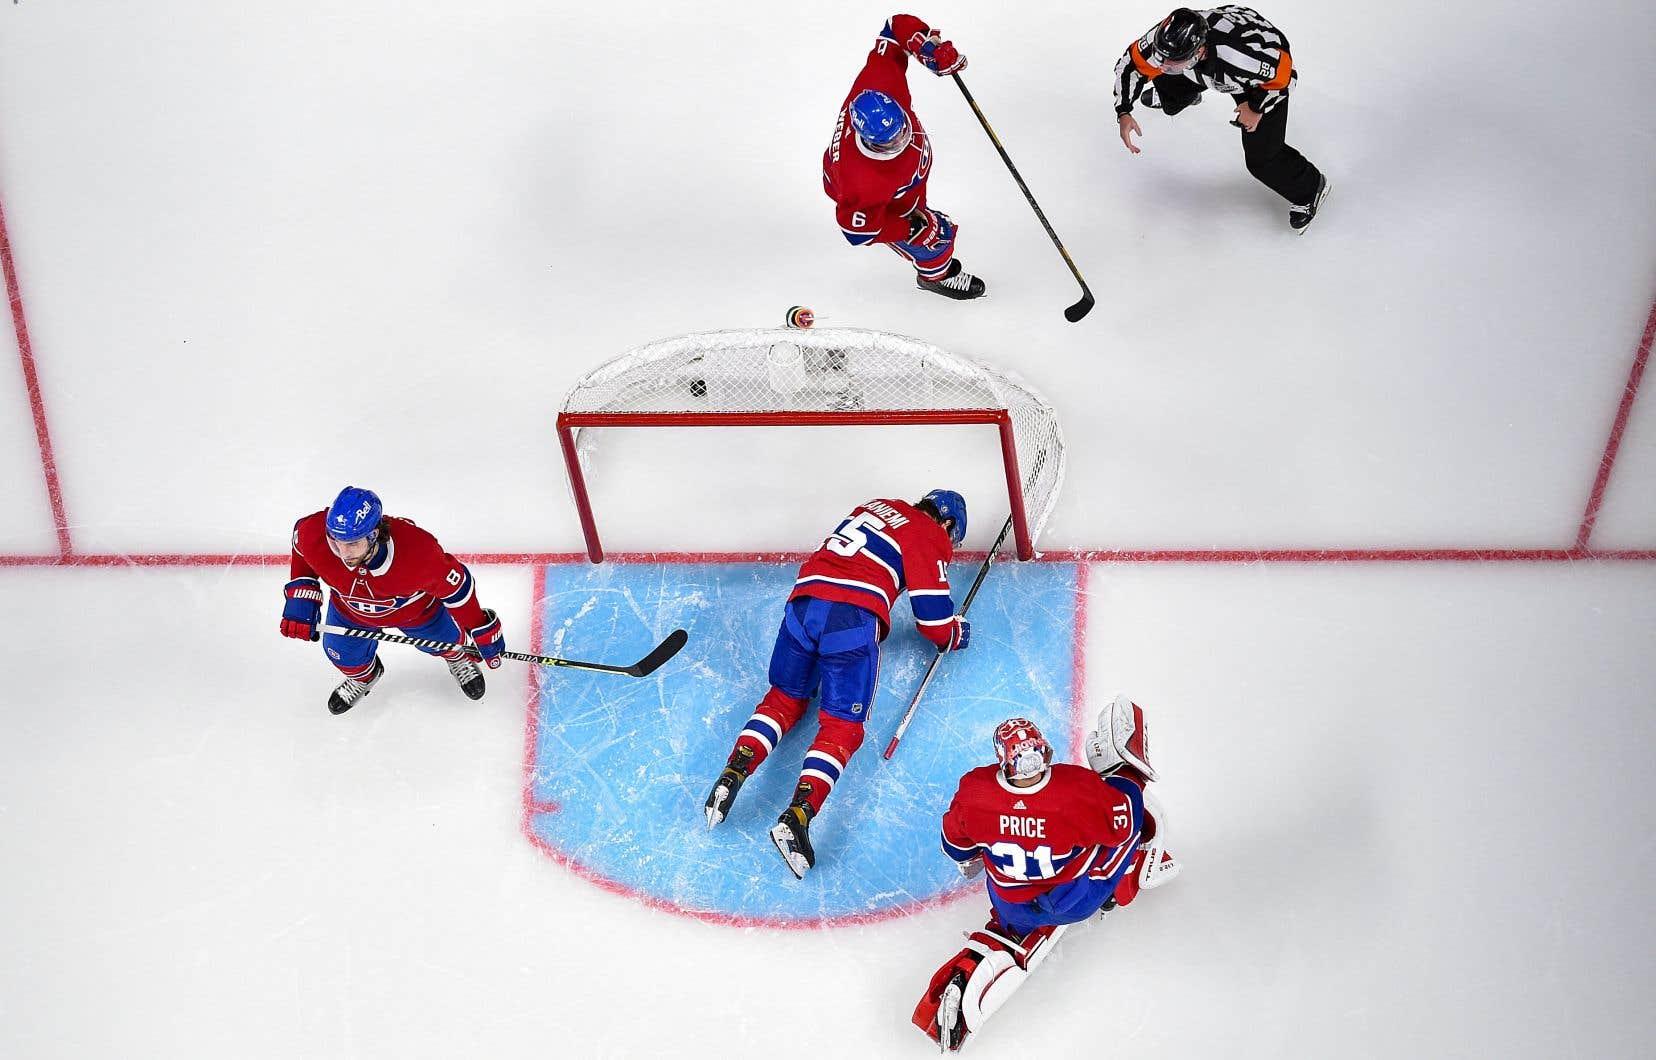 La demi-finale de la Coupe Stanley entre le Canadien et les Golden Knights est dans une impasse de 2-2 avant la cinquième rencontre, présentée mardi soir, à Las Vegas.